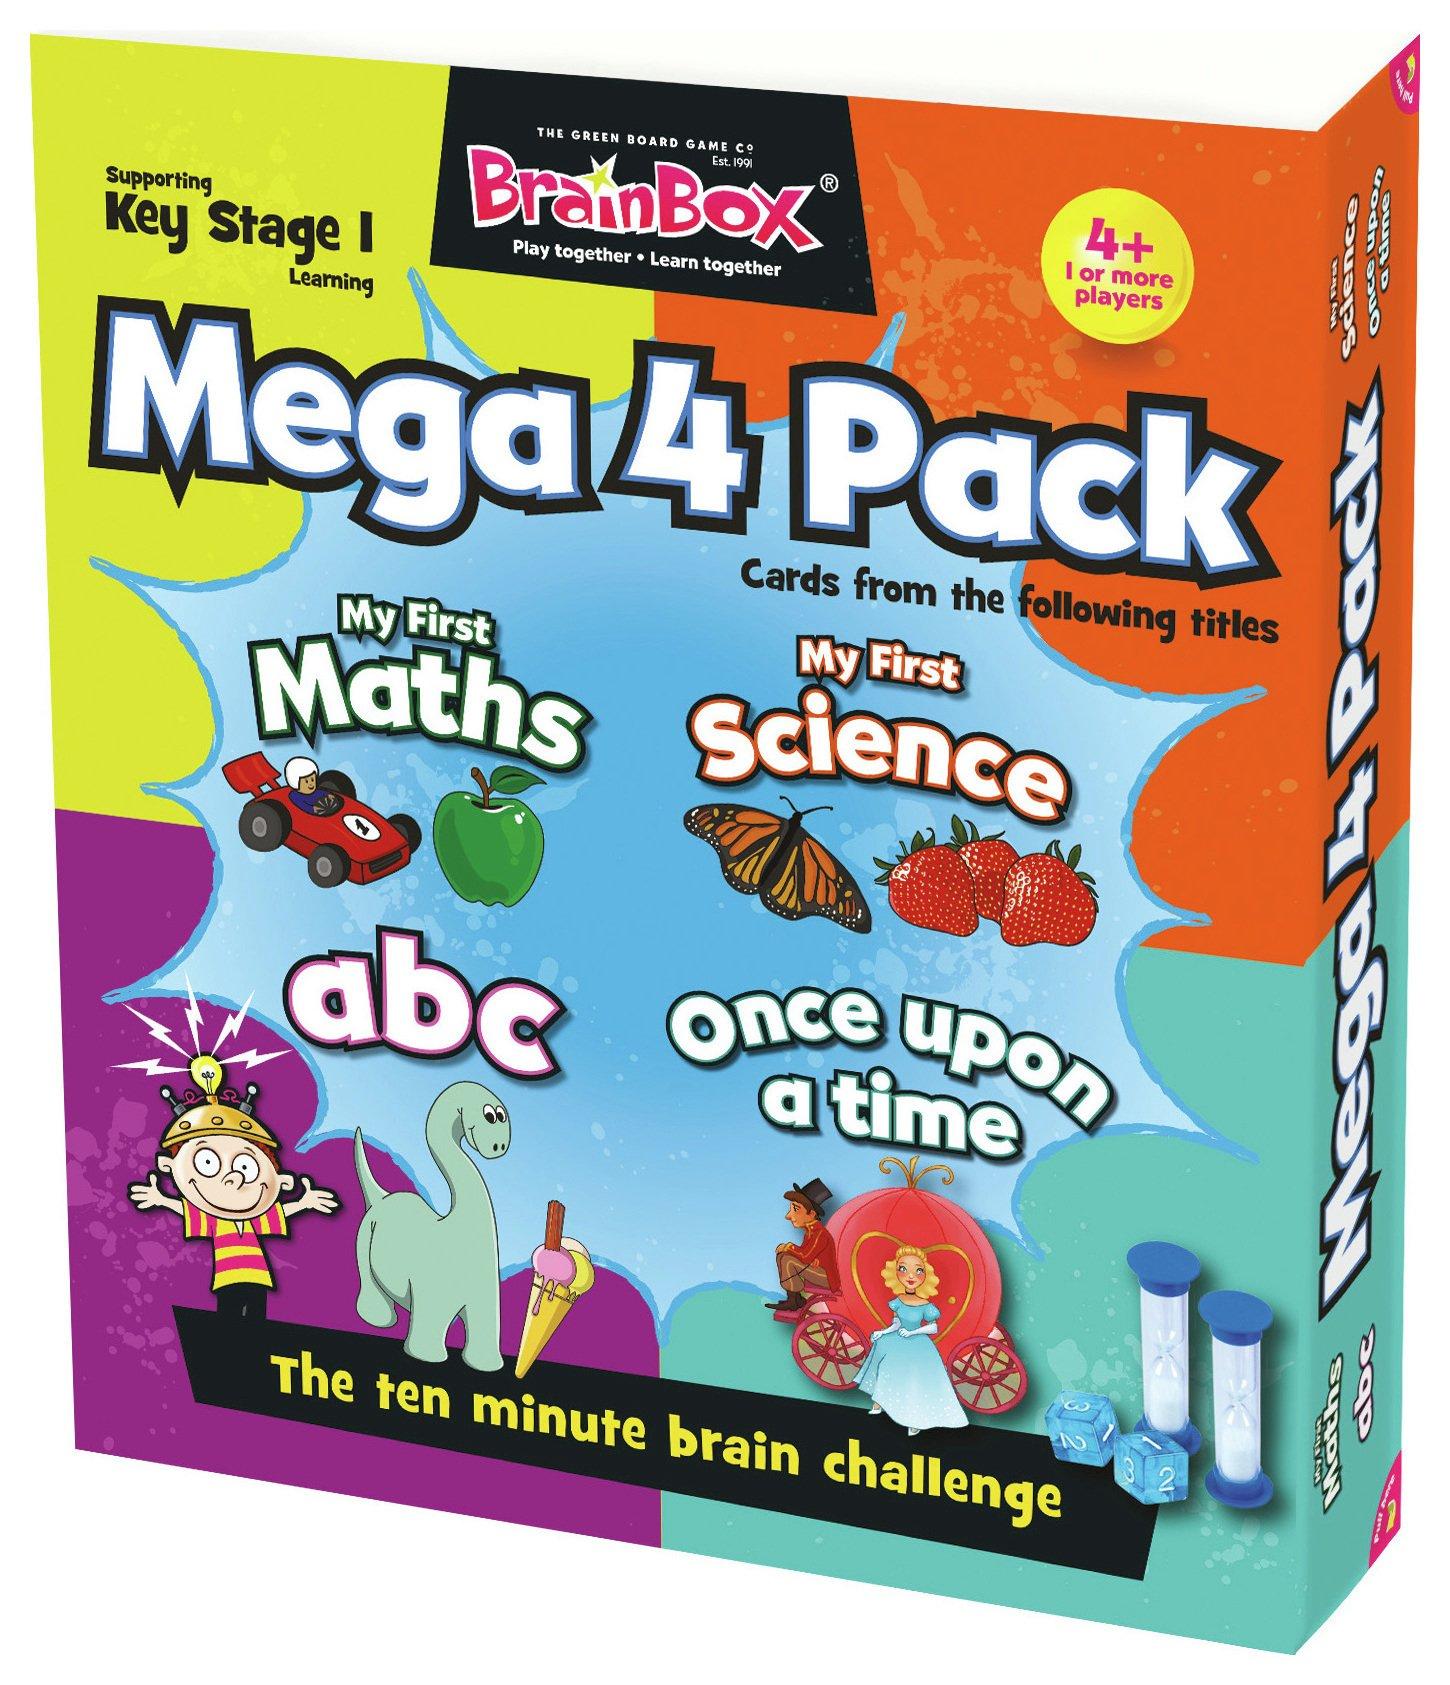 Image of Brainbox - Mega Pack - Key Stage 1 - Game.